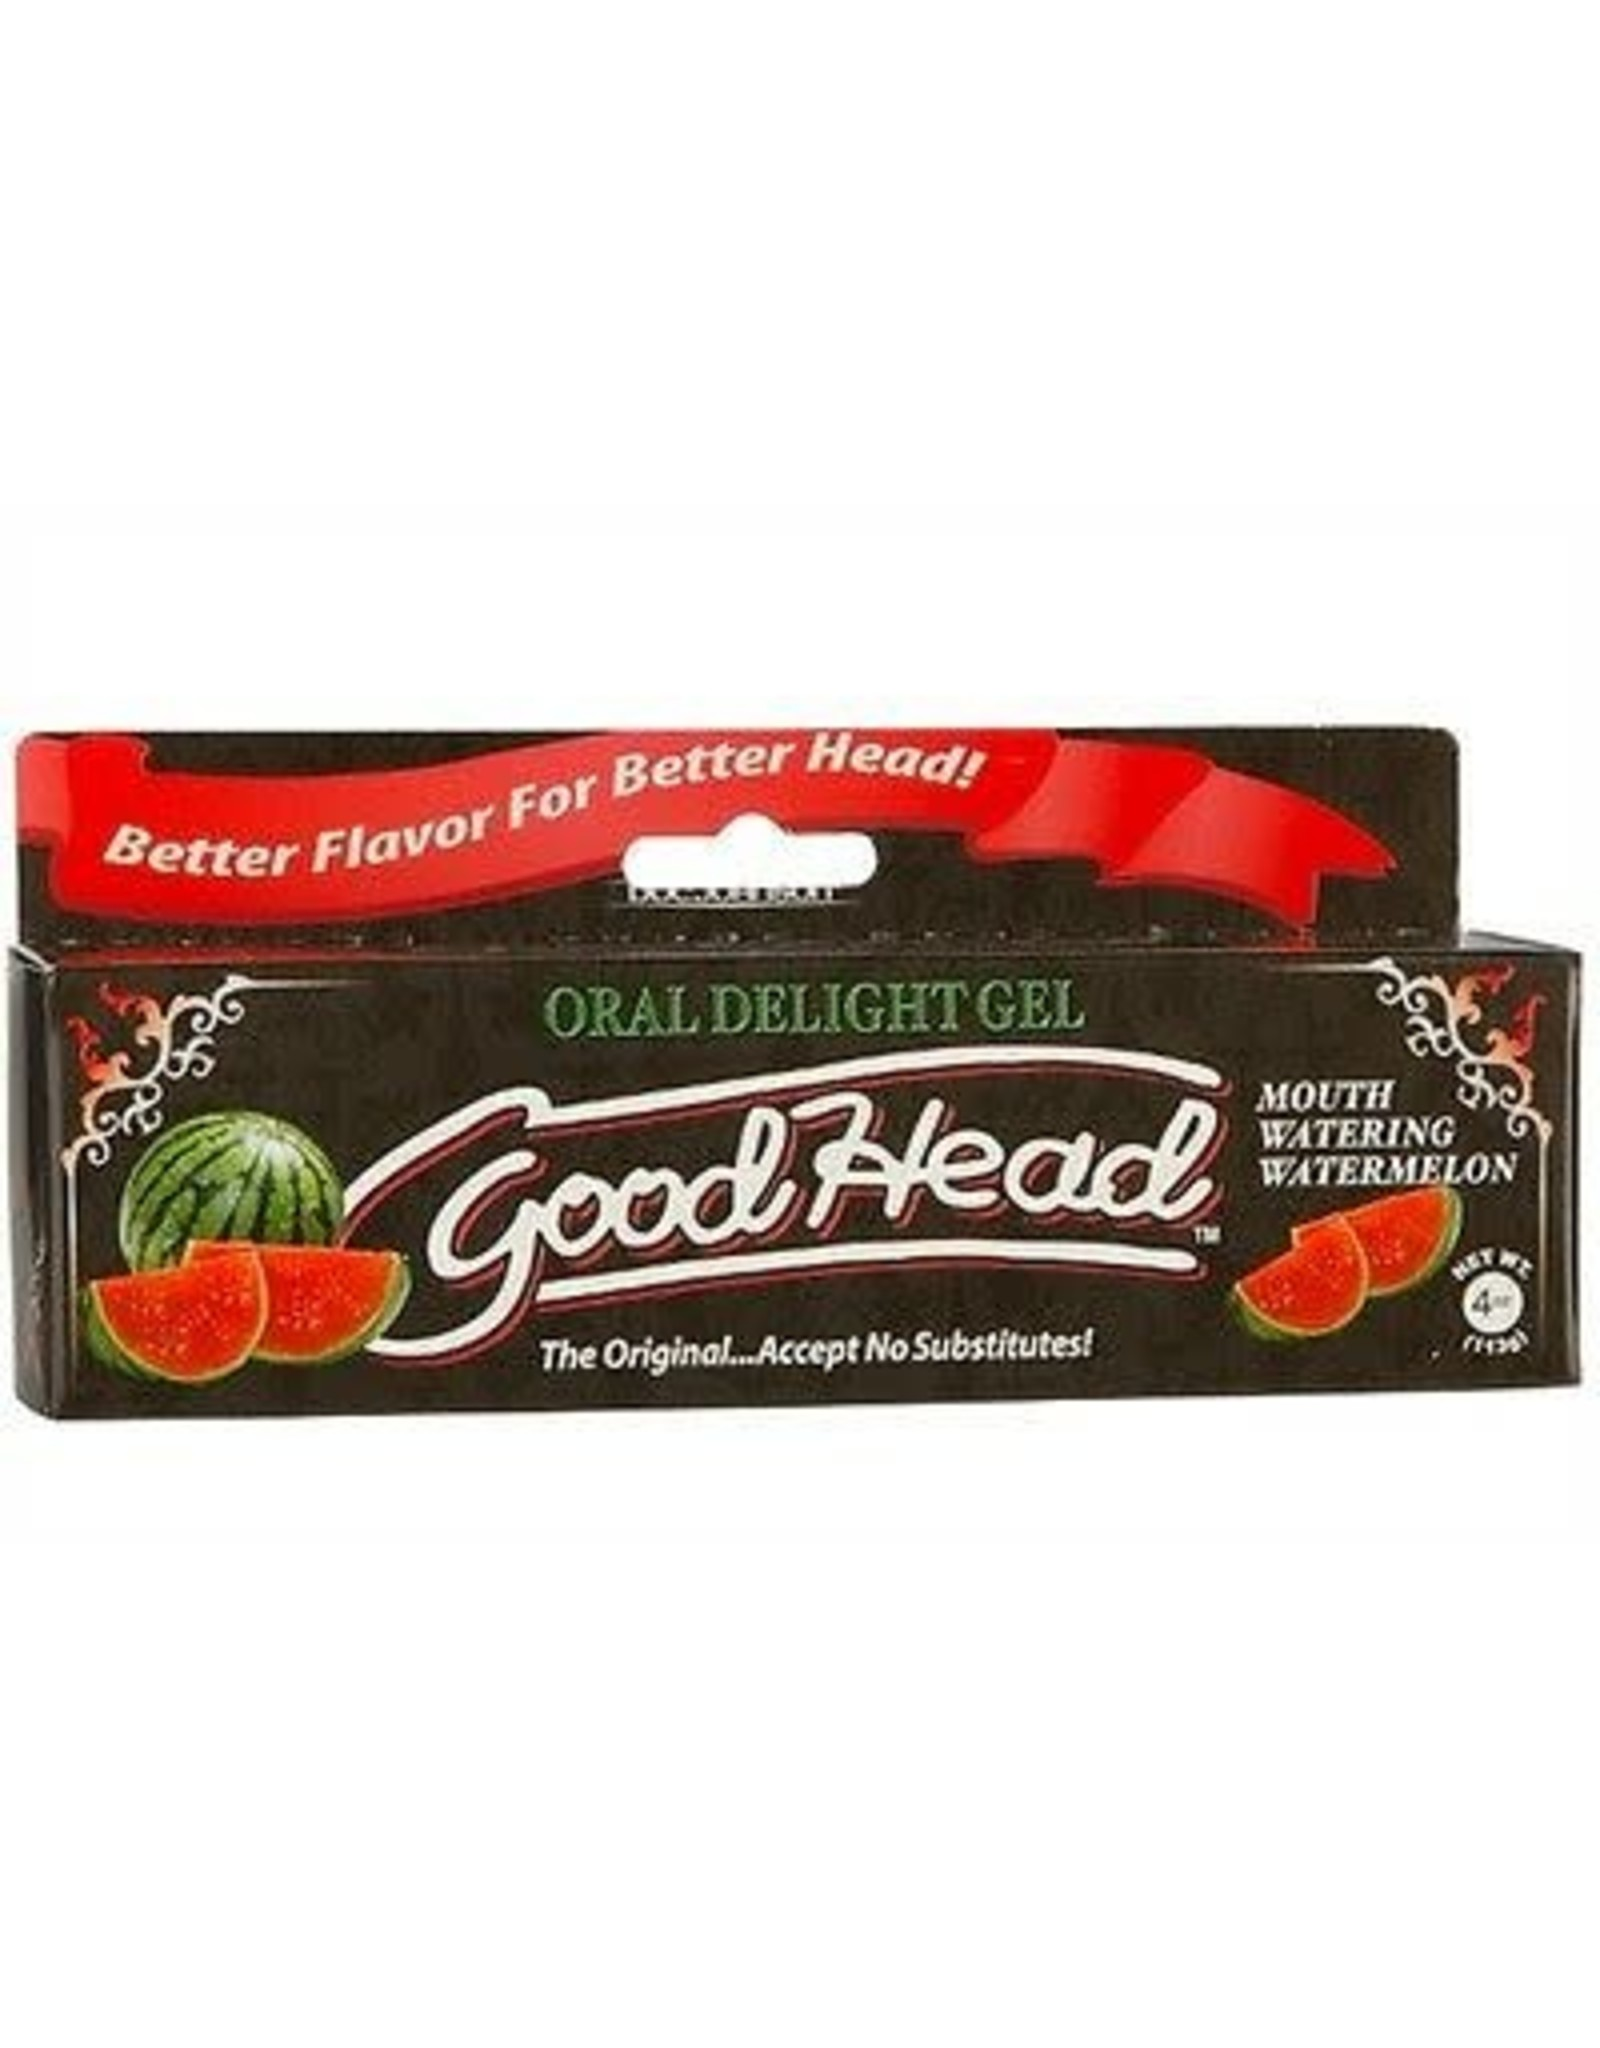 GOOD HEAD - ORAL DELIGHT  GEL - WATERMELON 4oz